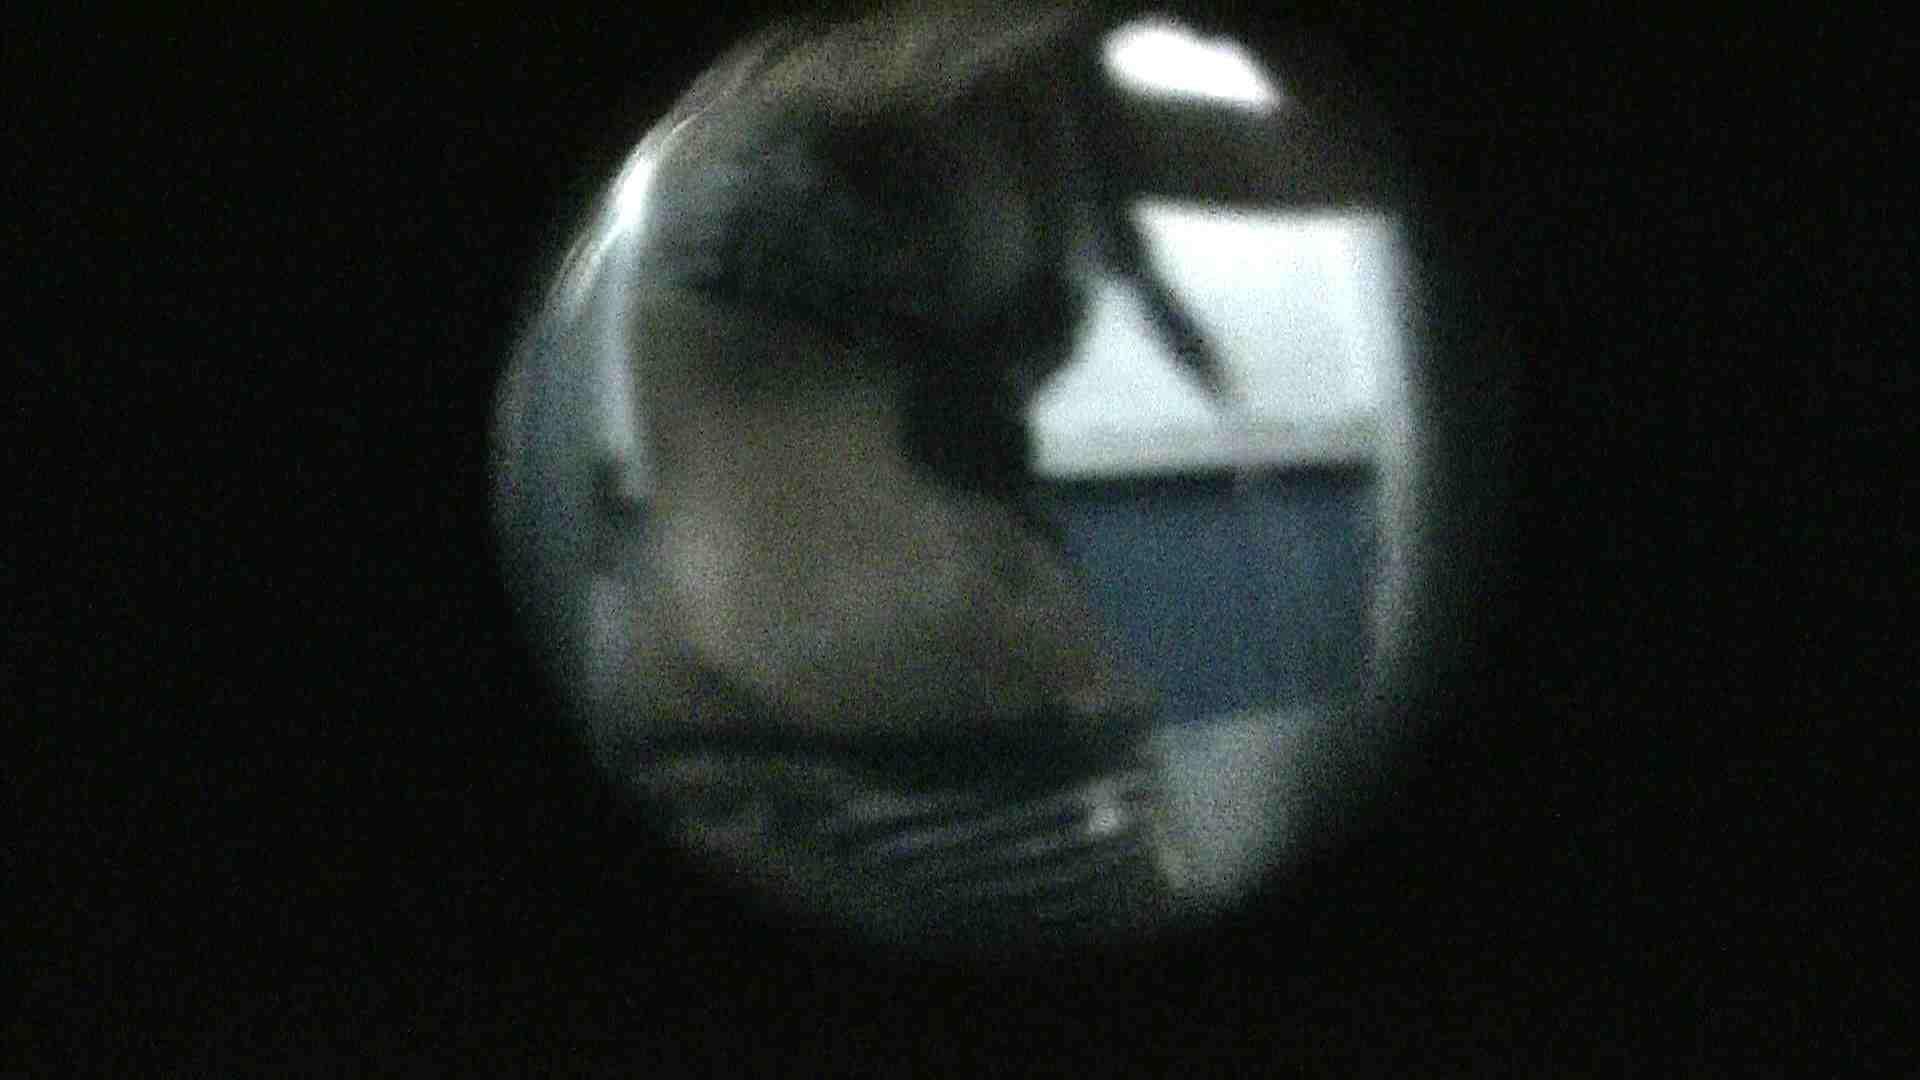 NO.13 暗いですが豪快な砂落としが好印象 シャワー室  89pic 26